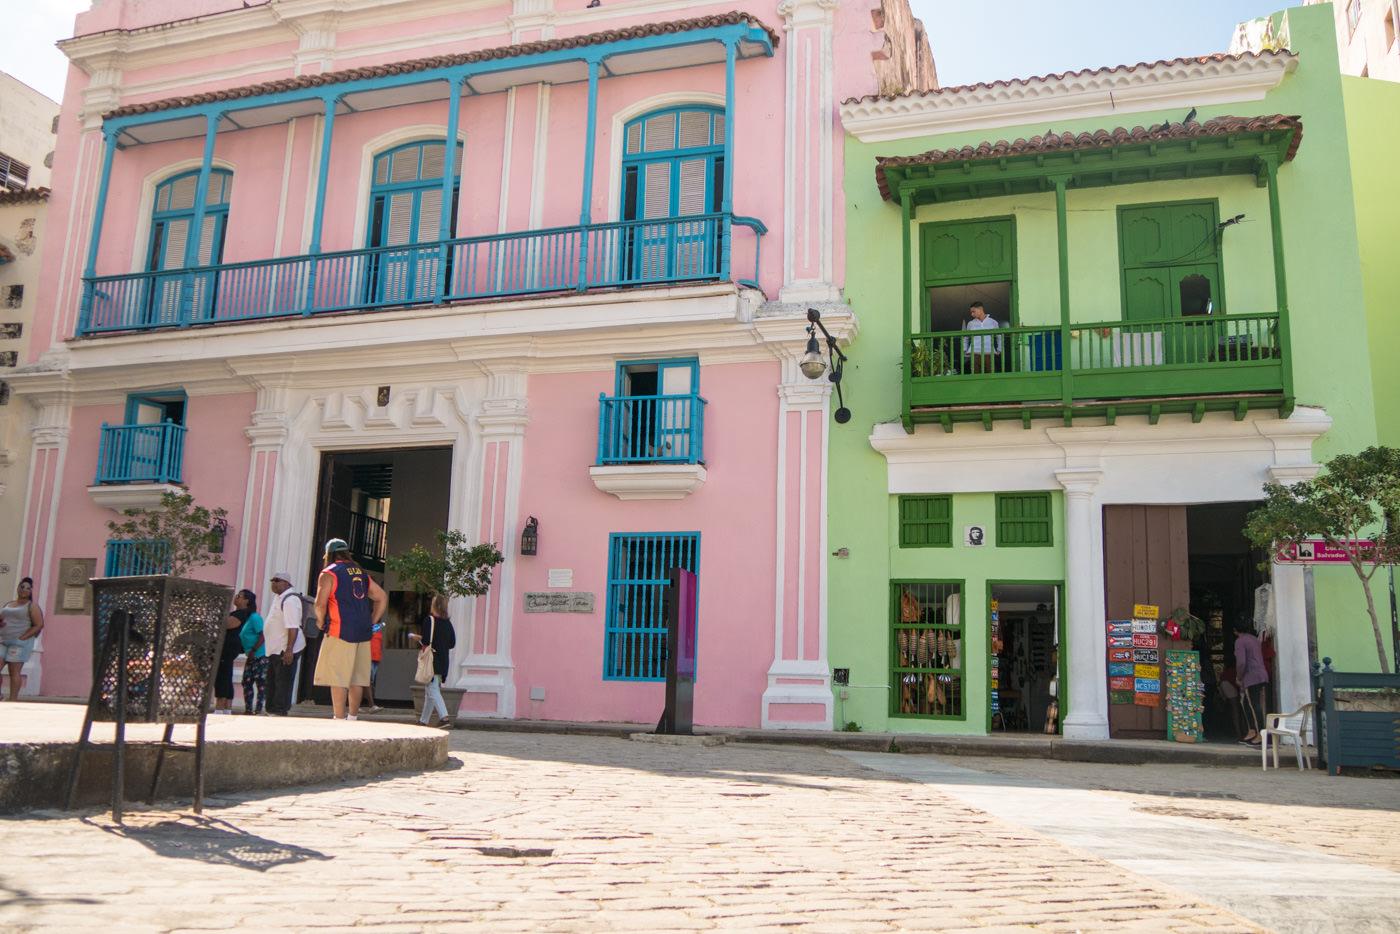 Die bunten Hausfassaden am Plaza Vieja